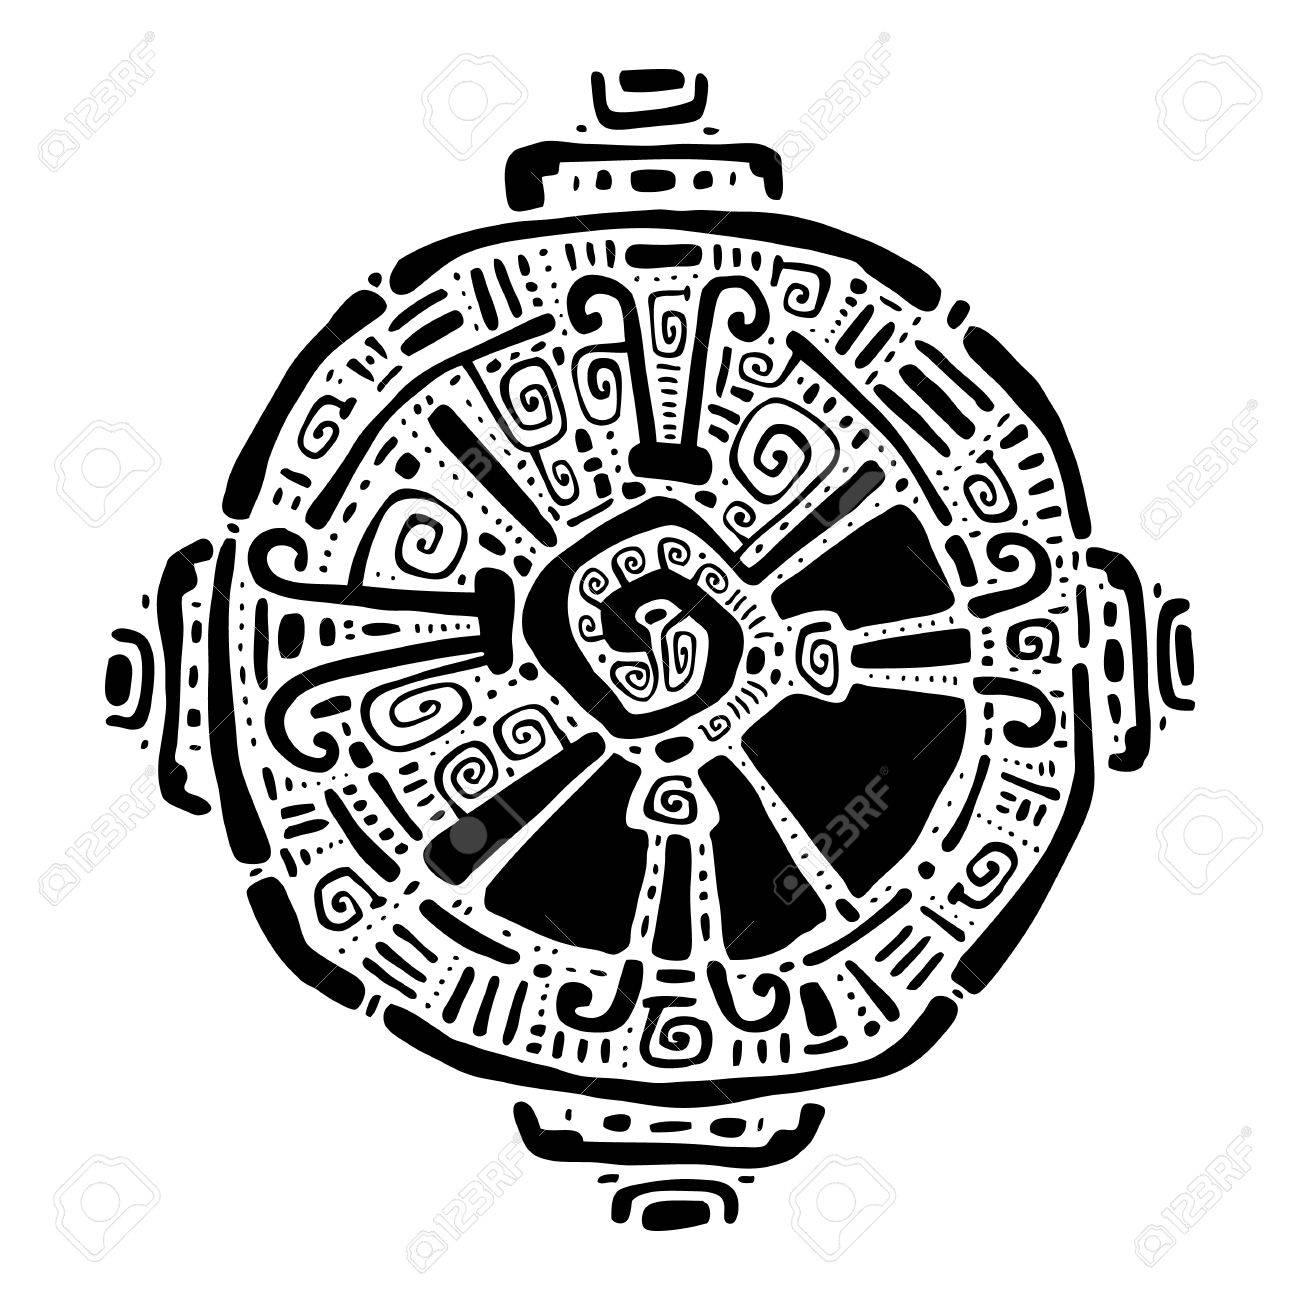 Hunab Ku Mayan symbol. Hand Drawn detailed pattern. - 42793707